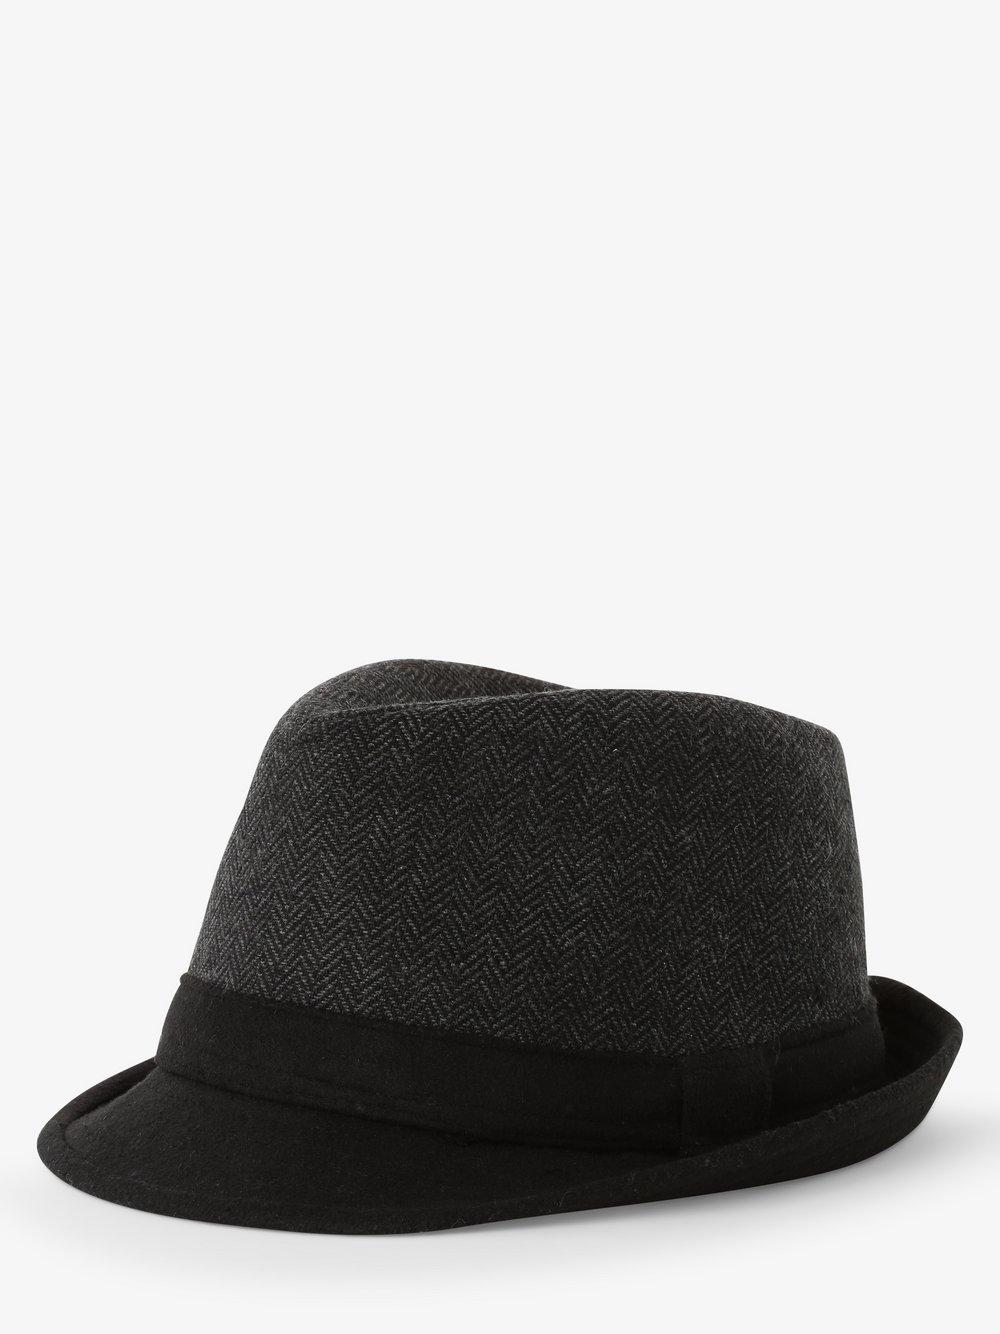 Finshley & Harding London – Kapelusz męski, czarny Van Graaf 487285-0001-09920